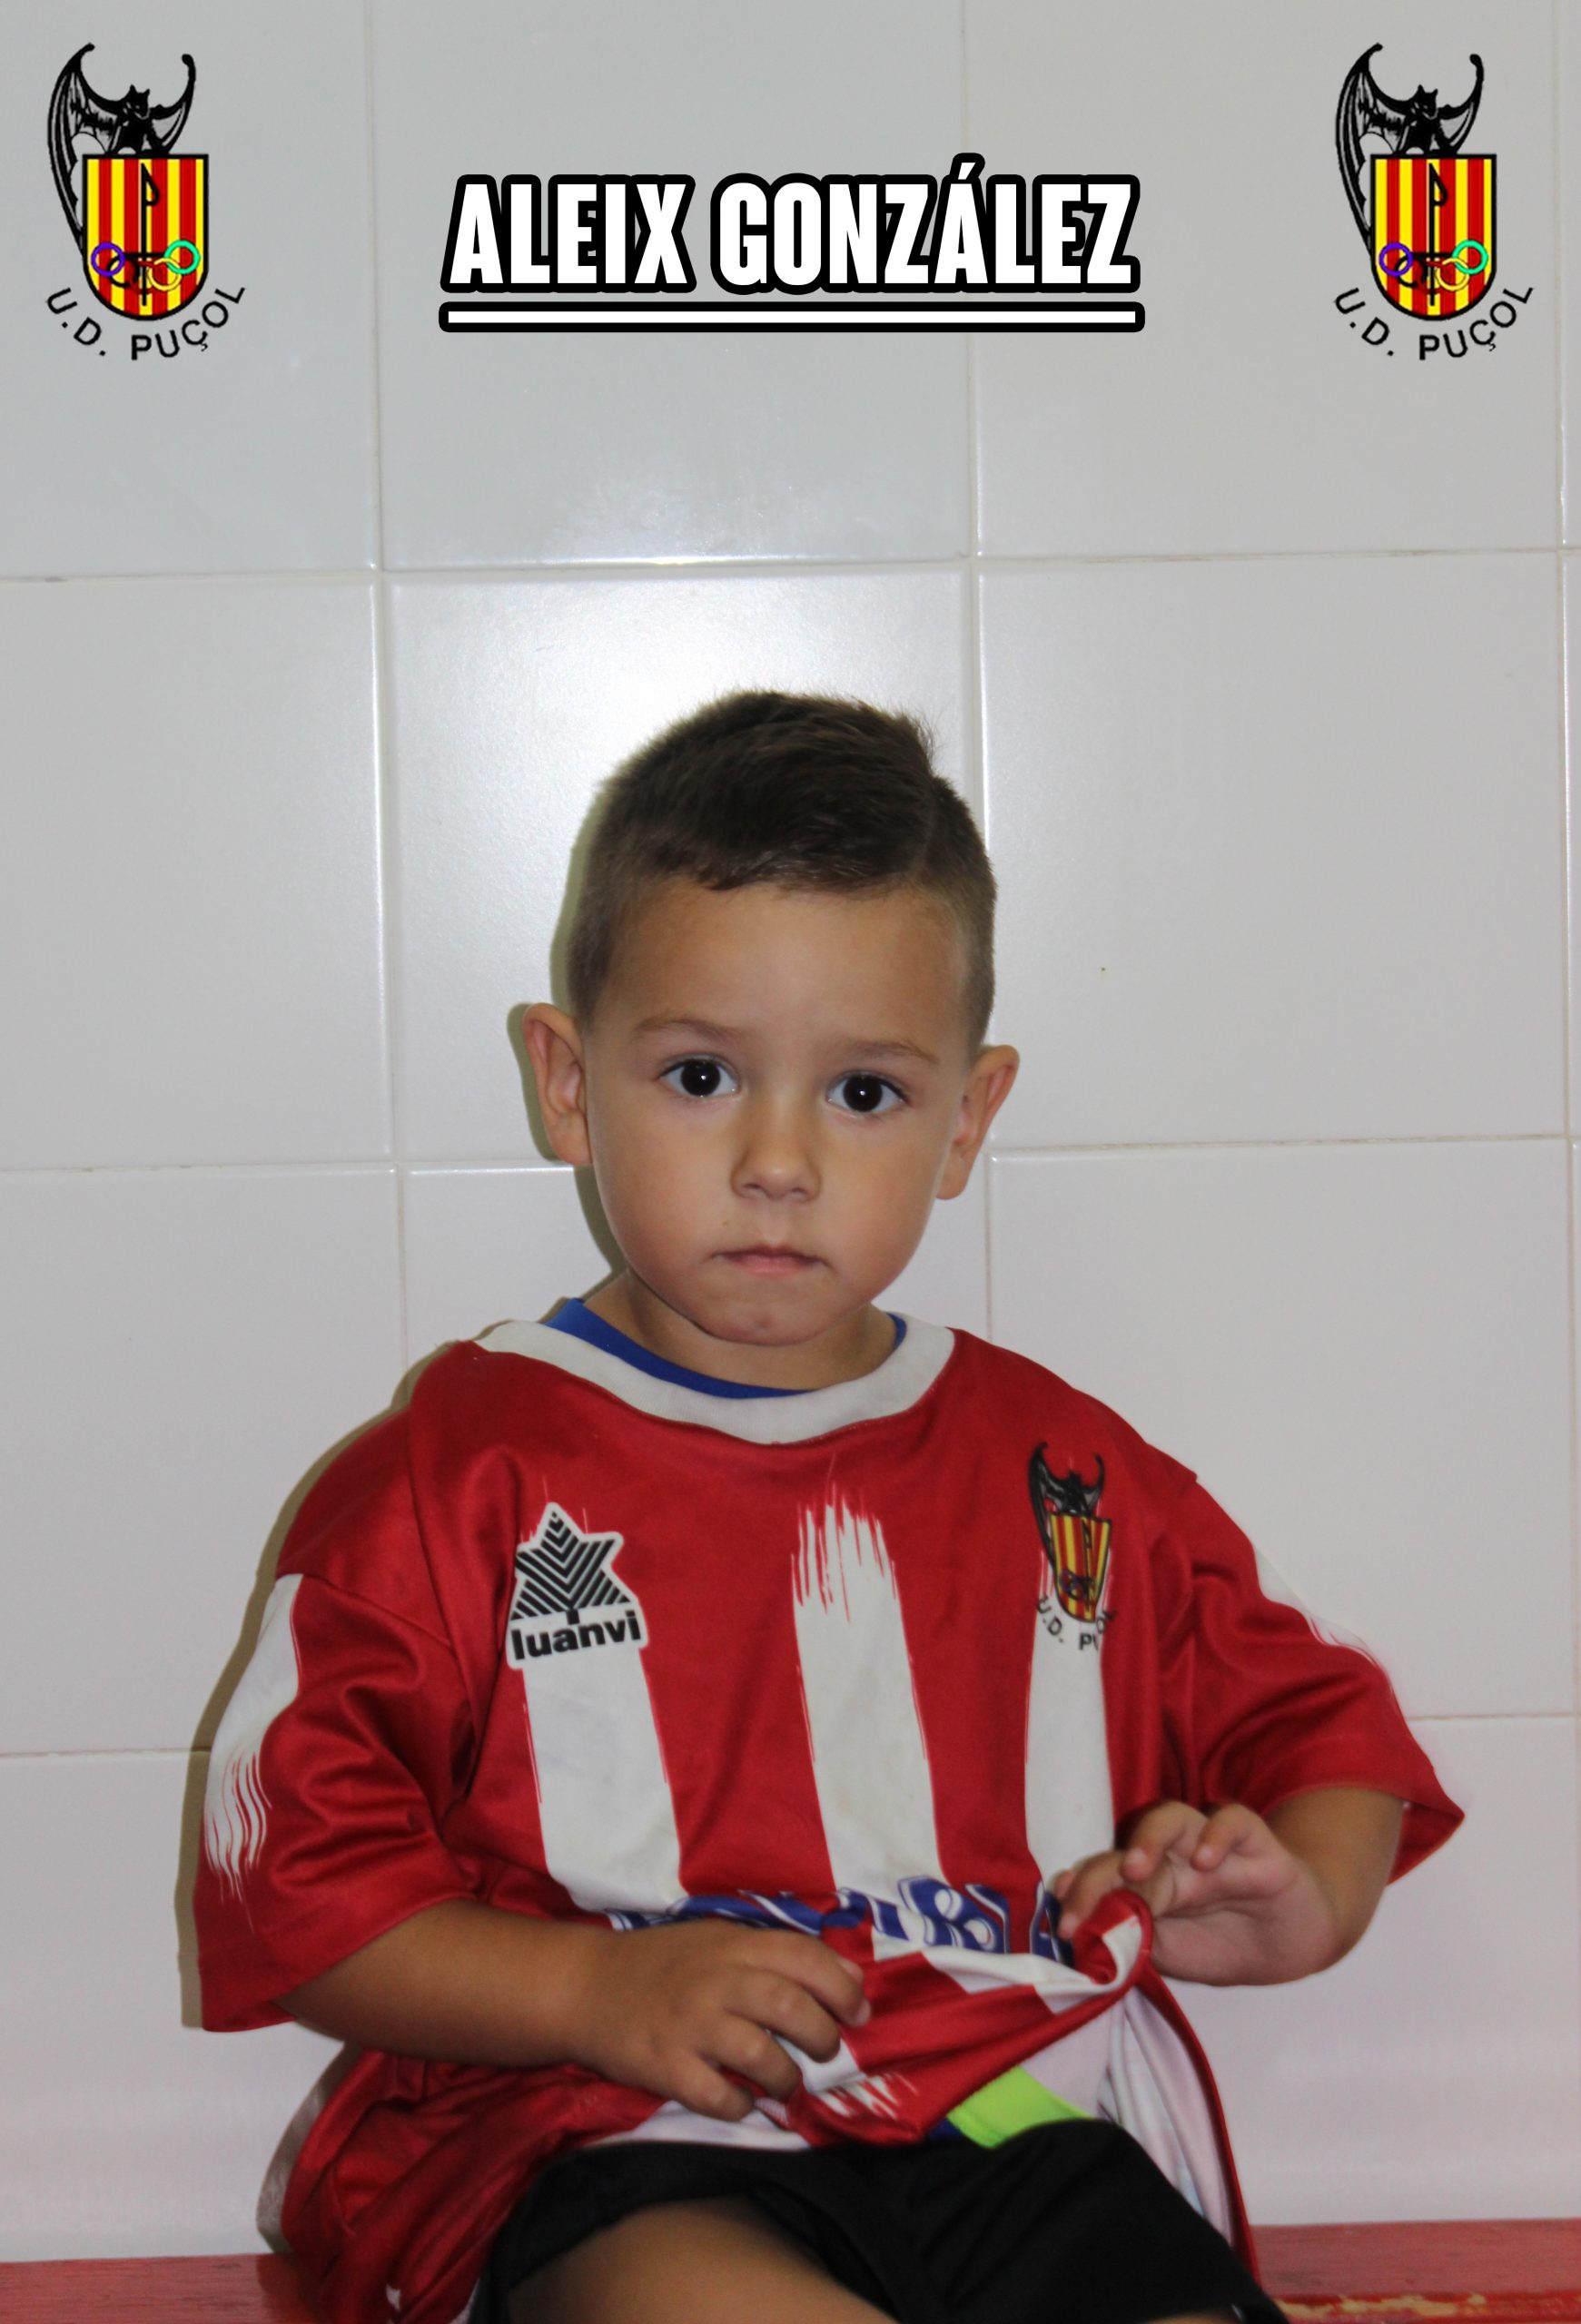 Aleix González